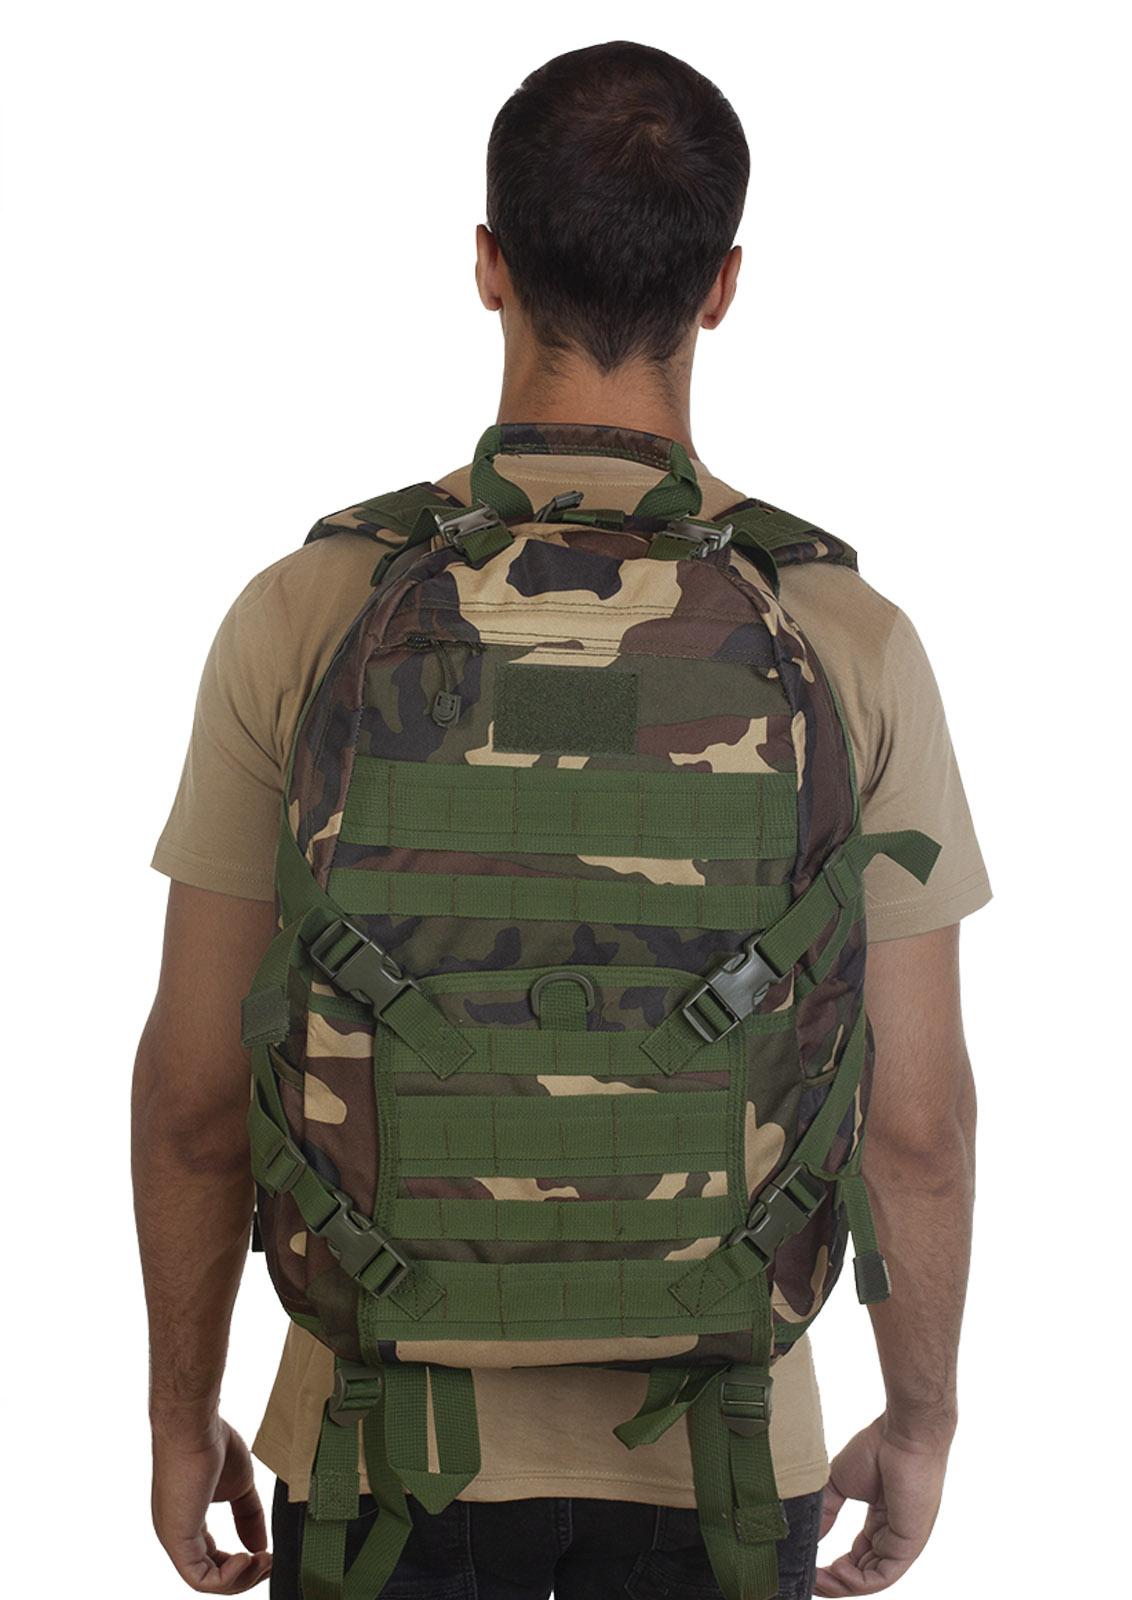 Высокопрочный военный рюкзак камуфляжа Woodland - купить онлайн